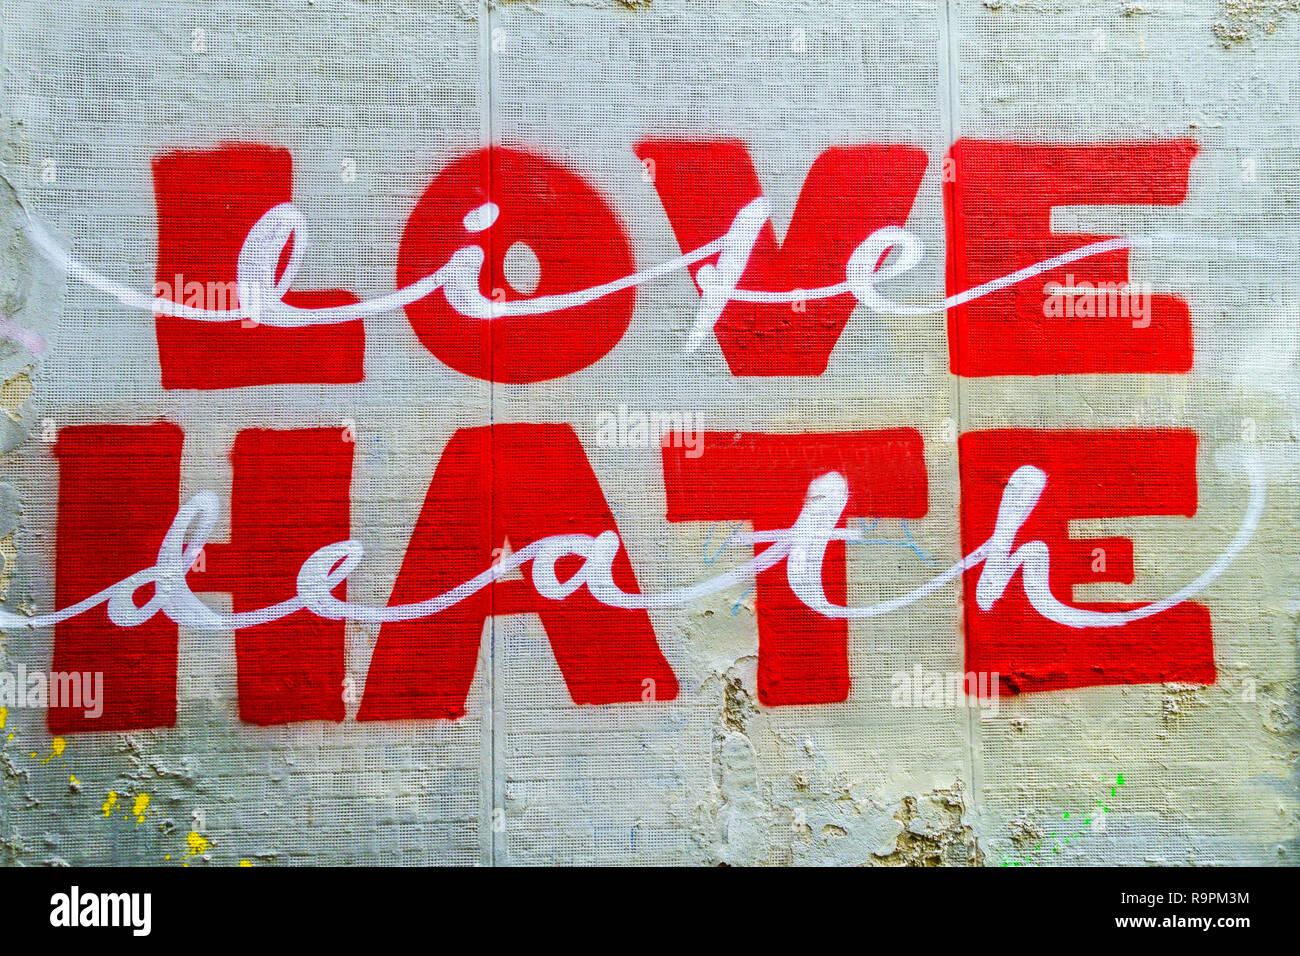 Messaggio sulla parete di strada amore odio Immagini Stock